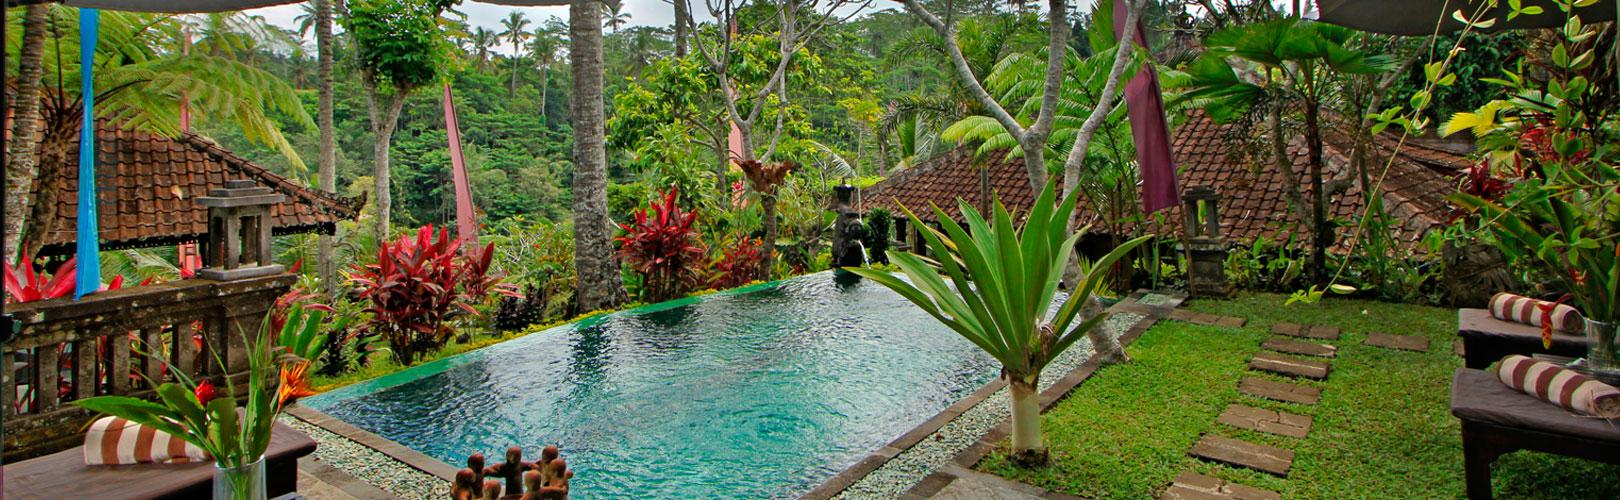 Mahogany Private Villa, Ubud, Bali (2 Bedroom Villa) USD 250 / night